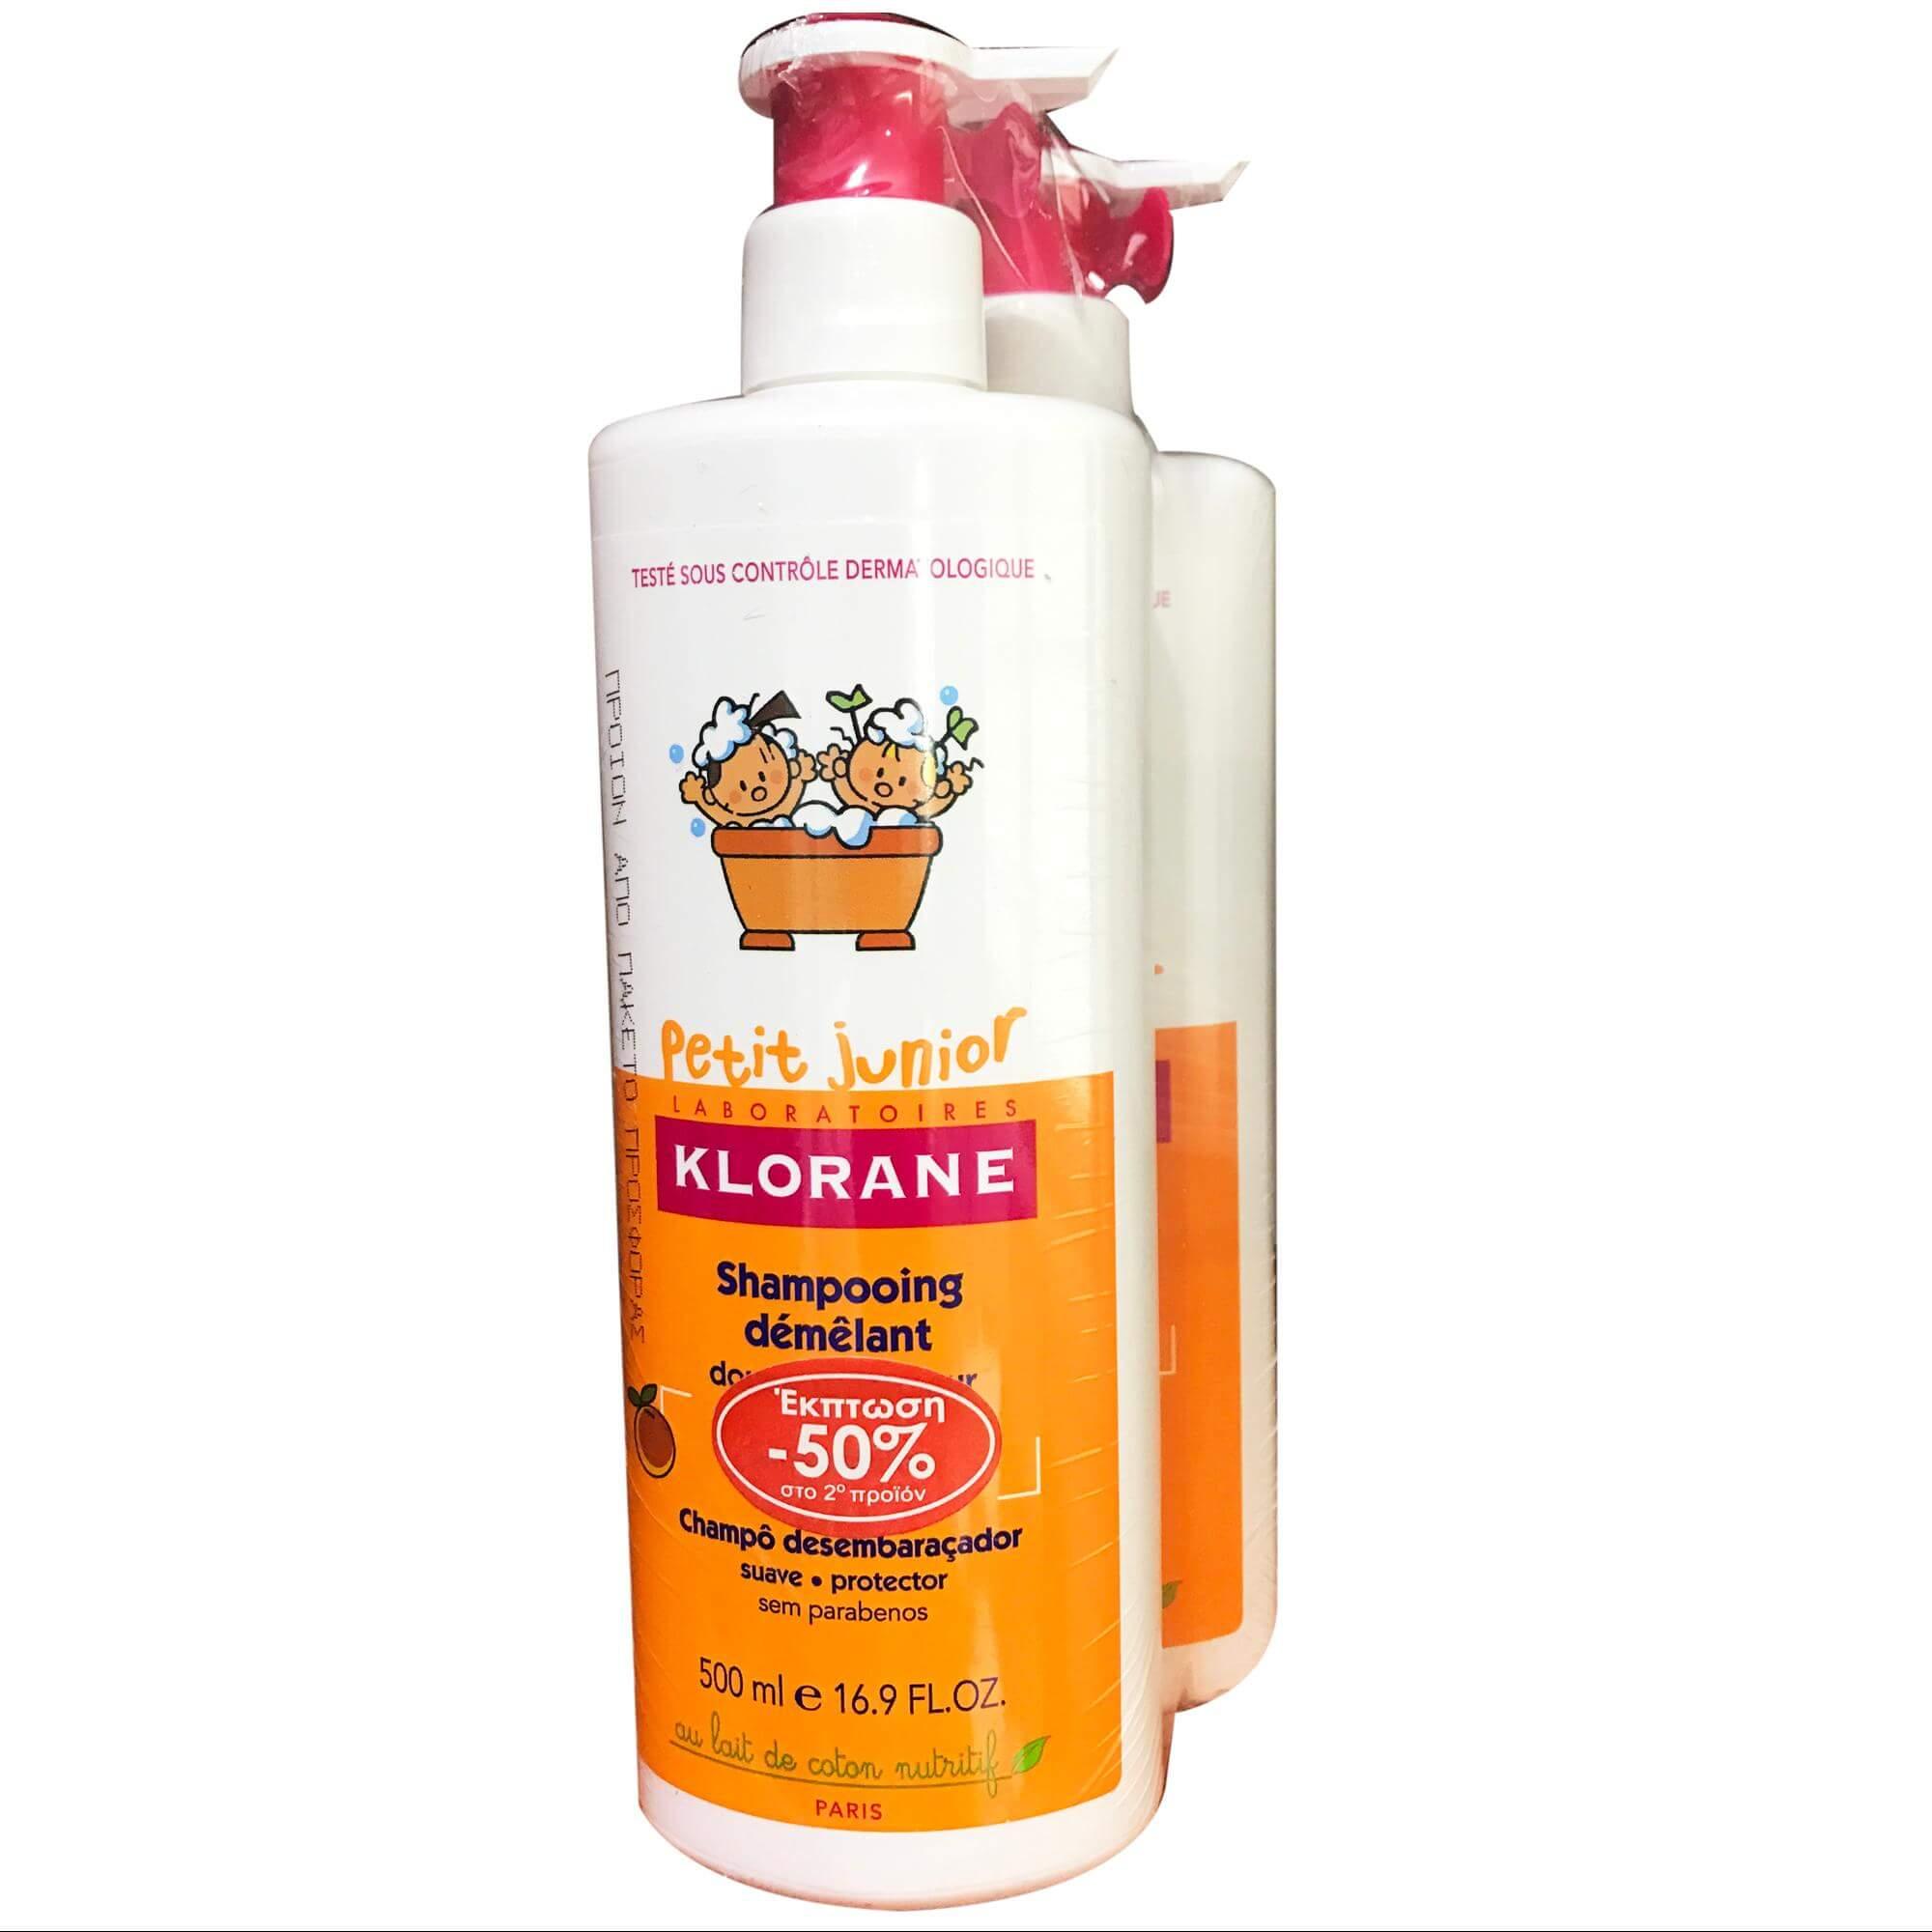 Klorane Shampooing Demelant Απαλό Σαμπουάν με Άρωμα Ροδάκινο 500ml Promo -50% στο 2ο Προϊόν